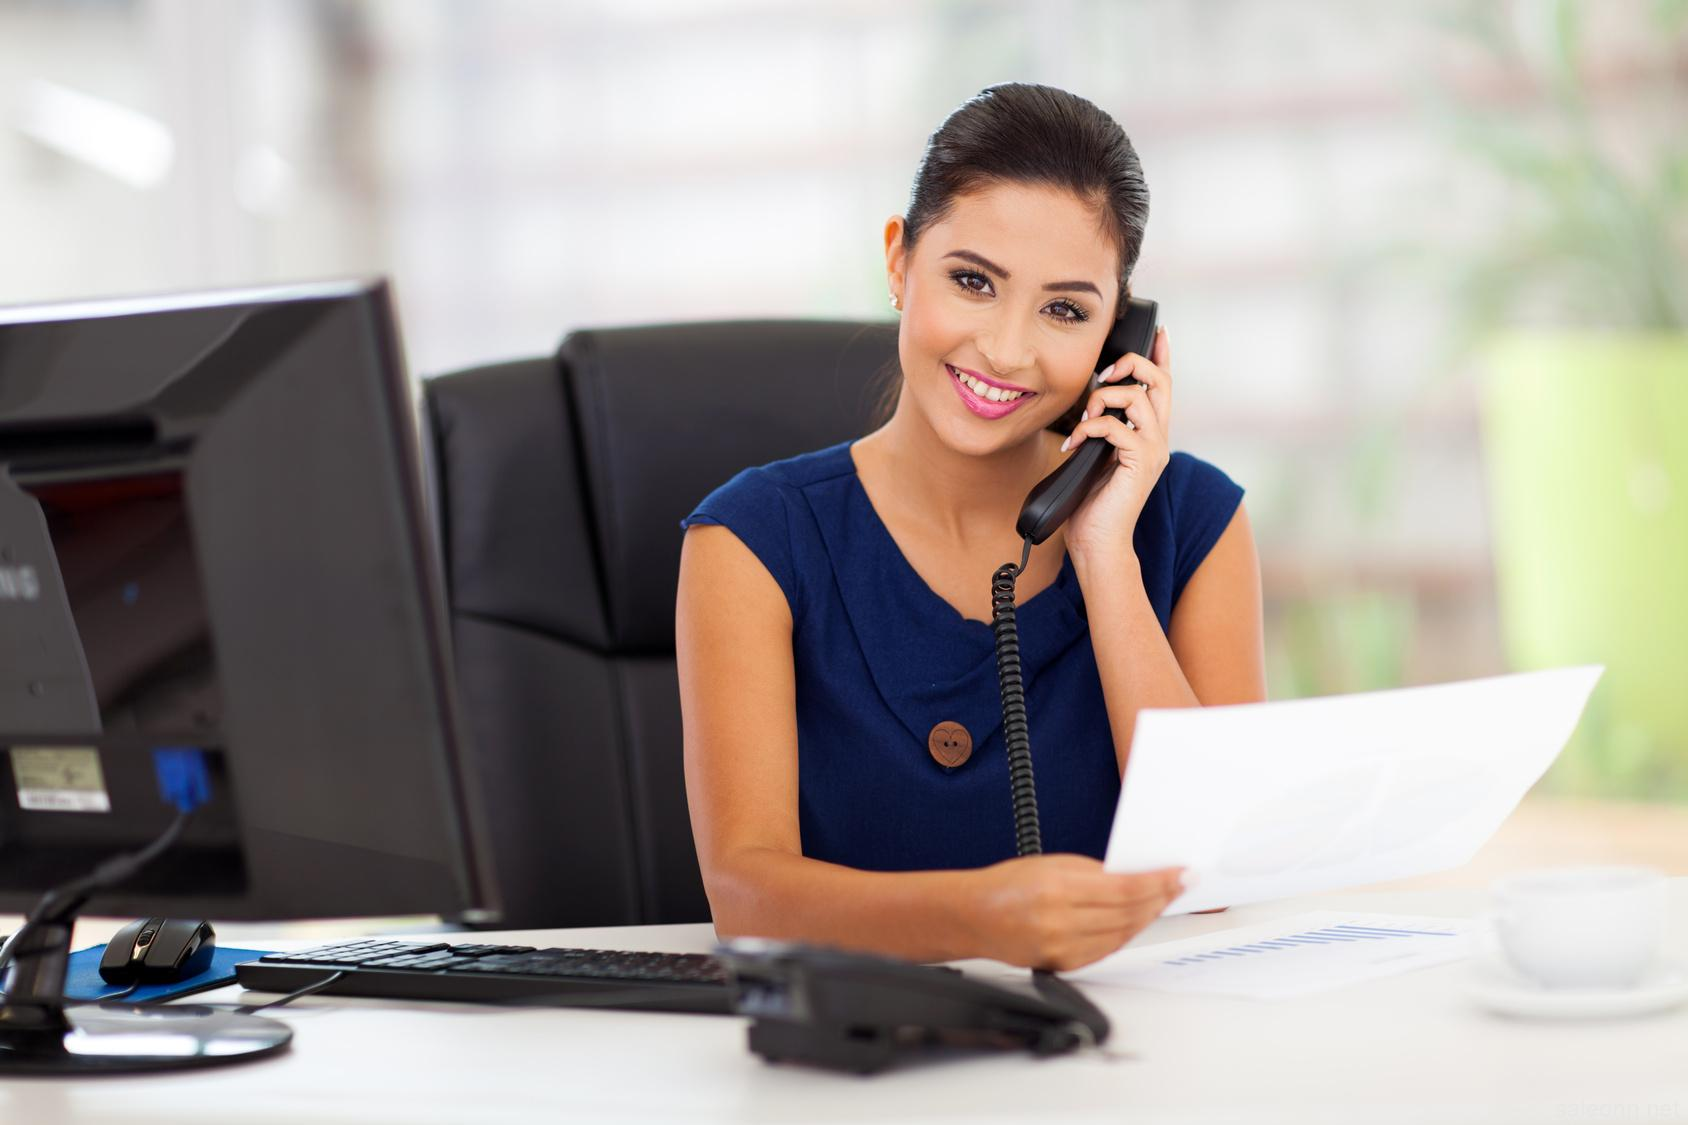 Как правильно просить повышения зарплаты у руководства: советы от HR-менеджера